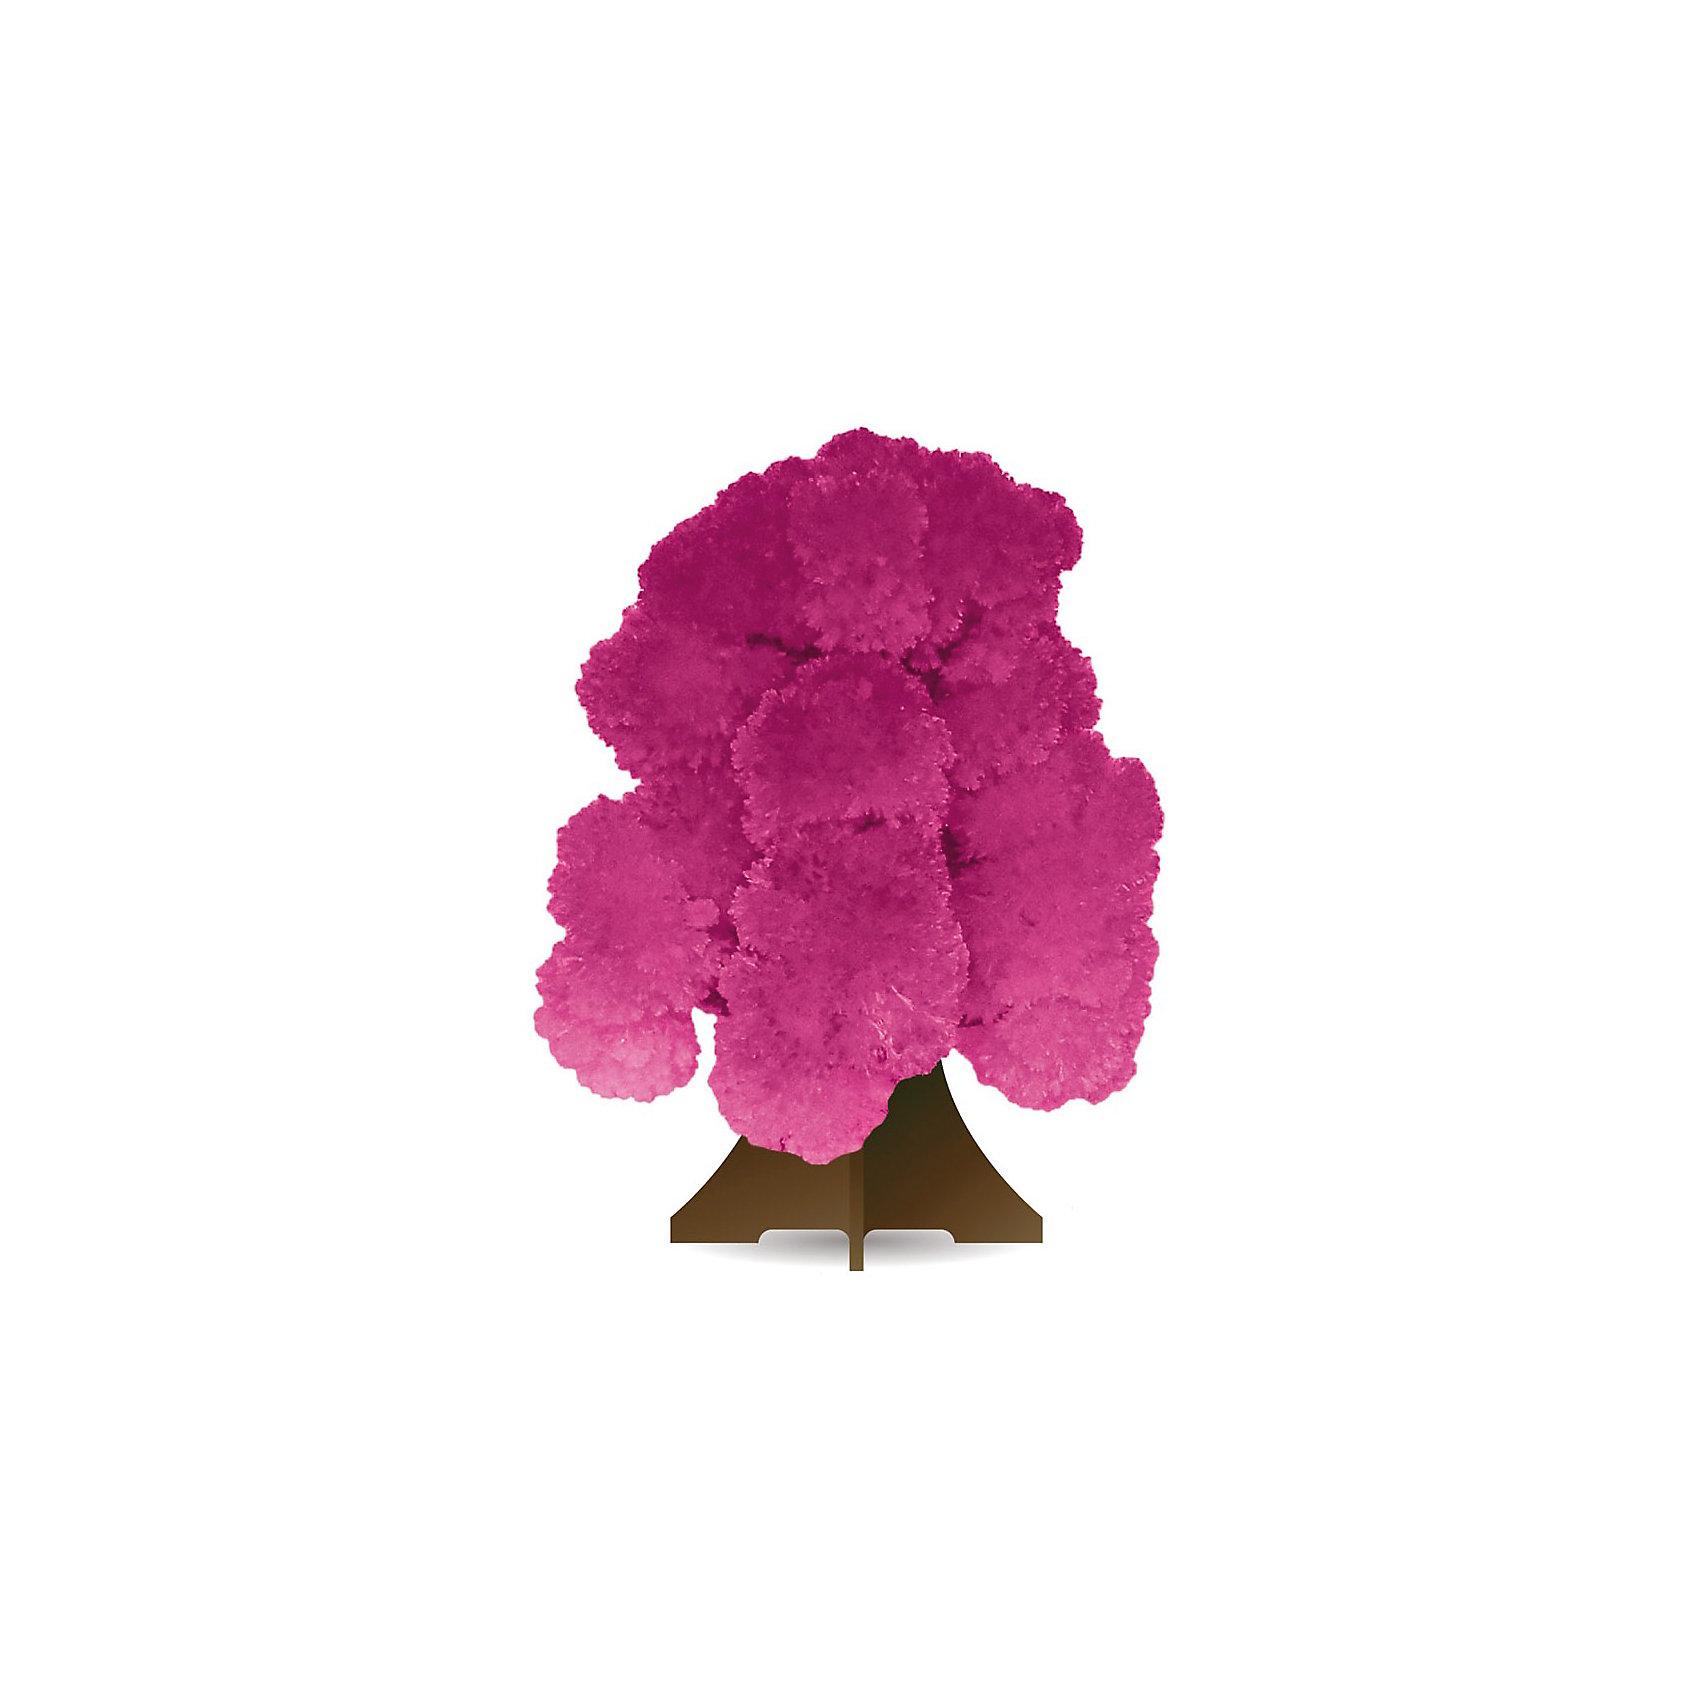 GOOD HAND CD-015 Волшебное деревоКристаллы<br>Данный набор позволит ребенку почувствовать себя настоящим ученым – и получить в результате несложных экспериментов не россыпь невзрачных хрусталиков, а волшебные, притягивающие восхищенные взгляды произведения искусства. В состав набора входят реактивы для выращивания кристаллов и бумажный каркас, который послужит основой будущей драгоценной конструкции. При смачивании раствором бумажной основы на ней буквально на глазах восхищенных детей вырастают пышные друзы пурпурных кристаллов, которые образуют форму ветвистого дерева. С помощью набора дети смогут прикоснуться к тайнам земных недр и собственными руками создать волшебную кристаллическую структуру, которая поразит друзей, станет истинным украшением интерьера или восхитительным подарком на праздник. Стоит лишь попробовать – и магия выращивания кристаллов увлечет не только детей, но и взрослых!<br><br>Основные особенности:<br>- Набор для выращивания на бумажной основе друзы кристаллов в форме дерева пурпурного цвета.<br>- Набор пробуждает у ребенка интерес к естественным наукам, учит терпению, вниманию и аккуратности, закладывает базу для занятий прикладными ремеслами, развивает творческое мышление и художественный вкус.<br>- Выращивание кристаллов позволяет получить первые представления о большинстве естественных наук – физике, химии, геологии, минералогии.<br>- Набор включает иллюстрированную пошаговую инструкцию.<br>- Компоненты набора полностью безопасны для занятий под присмотром взрослых или самостоятельных занятий детей старше 12 лет.<br>- Законченную работу для предохранения от выцветания и предотвращения нежелательных последствий при контакте с кожей рекомендуется покрыть лаком.<br><br>Ширина мм: 212<br>Глубина мм: 100<br>Высота мм: 10<br>Вес г: 45<br>Возраст от месяцев: 96<br>Возраст до месяцев: 168<br>Пол: Унисекс<br>Возраст: Детский<br>SKU: 2609888